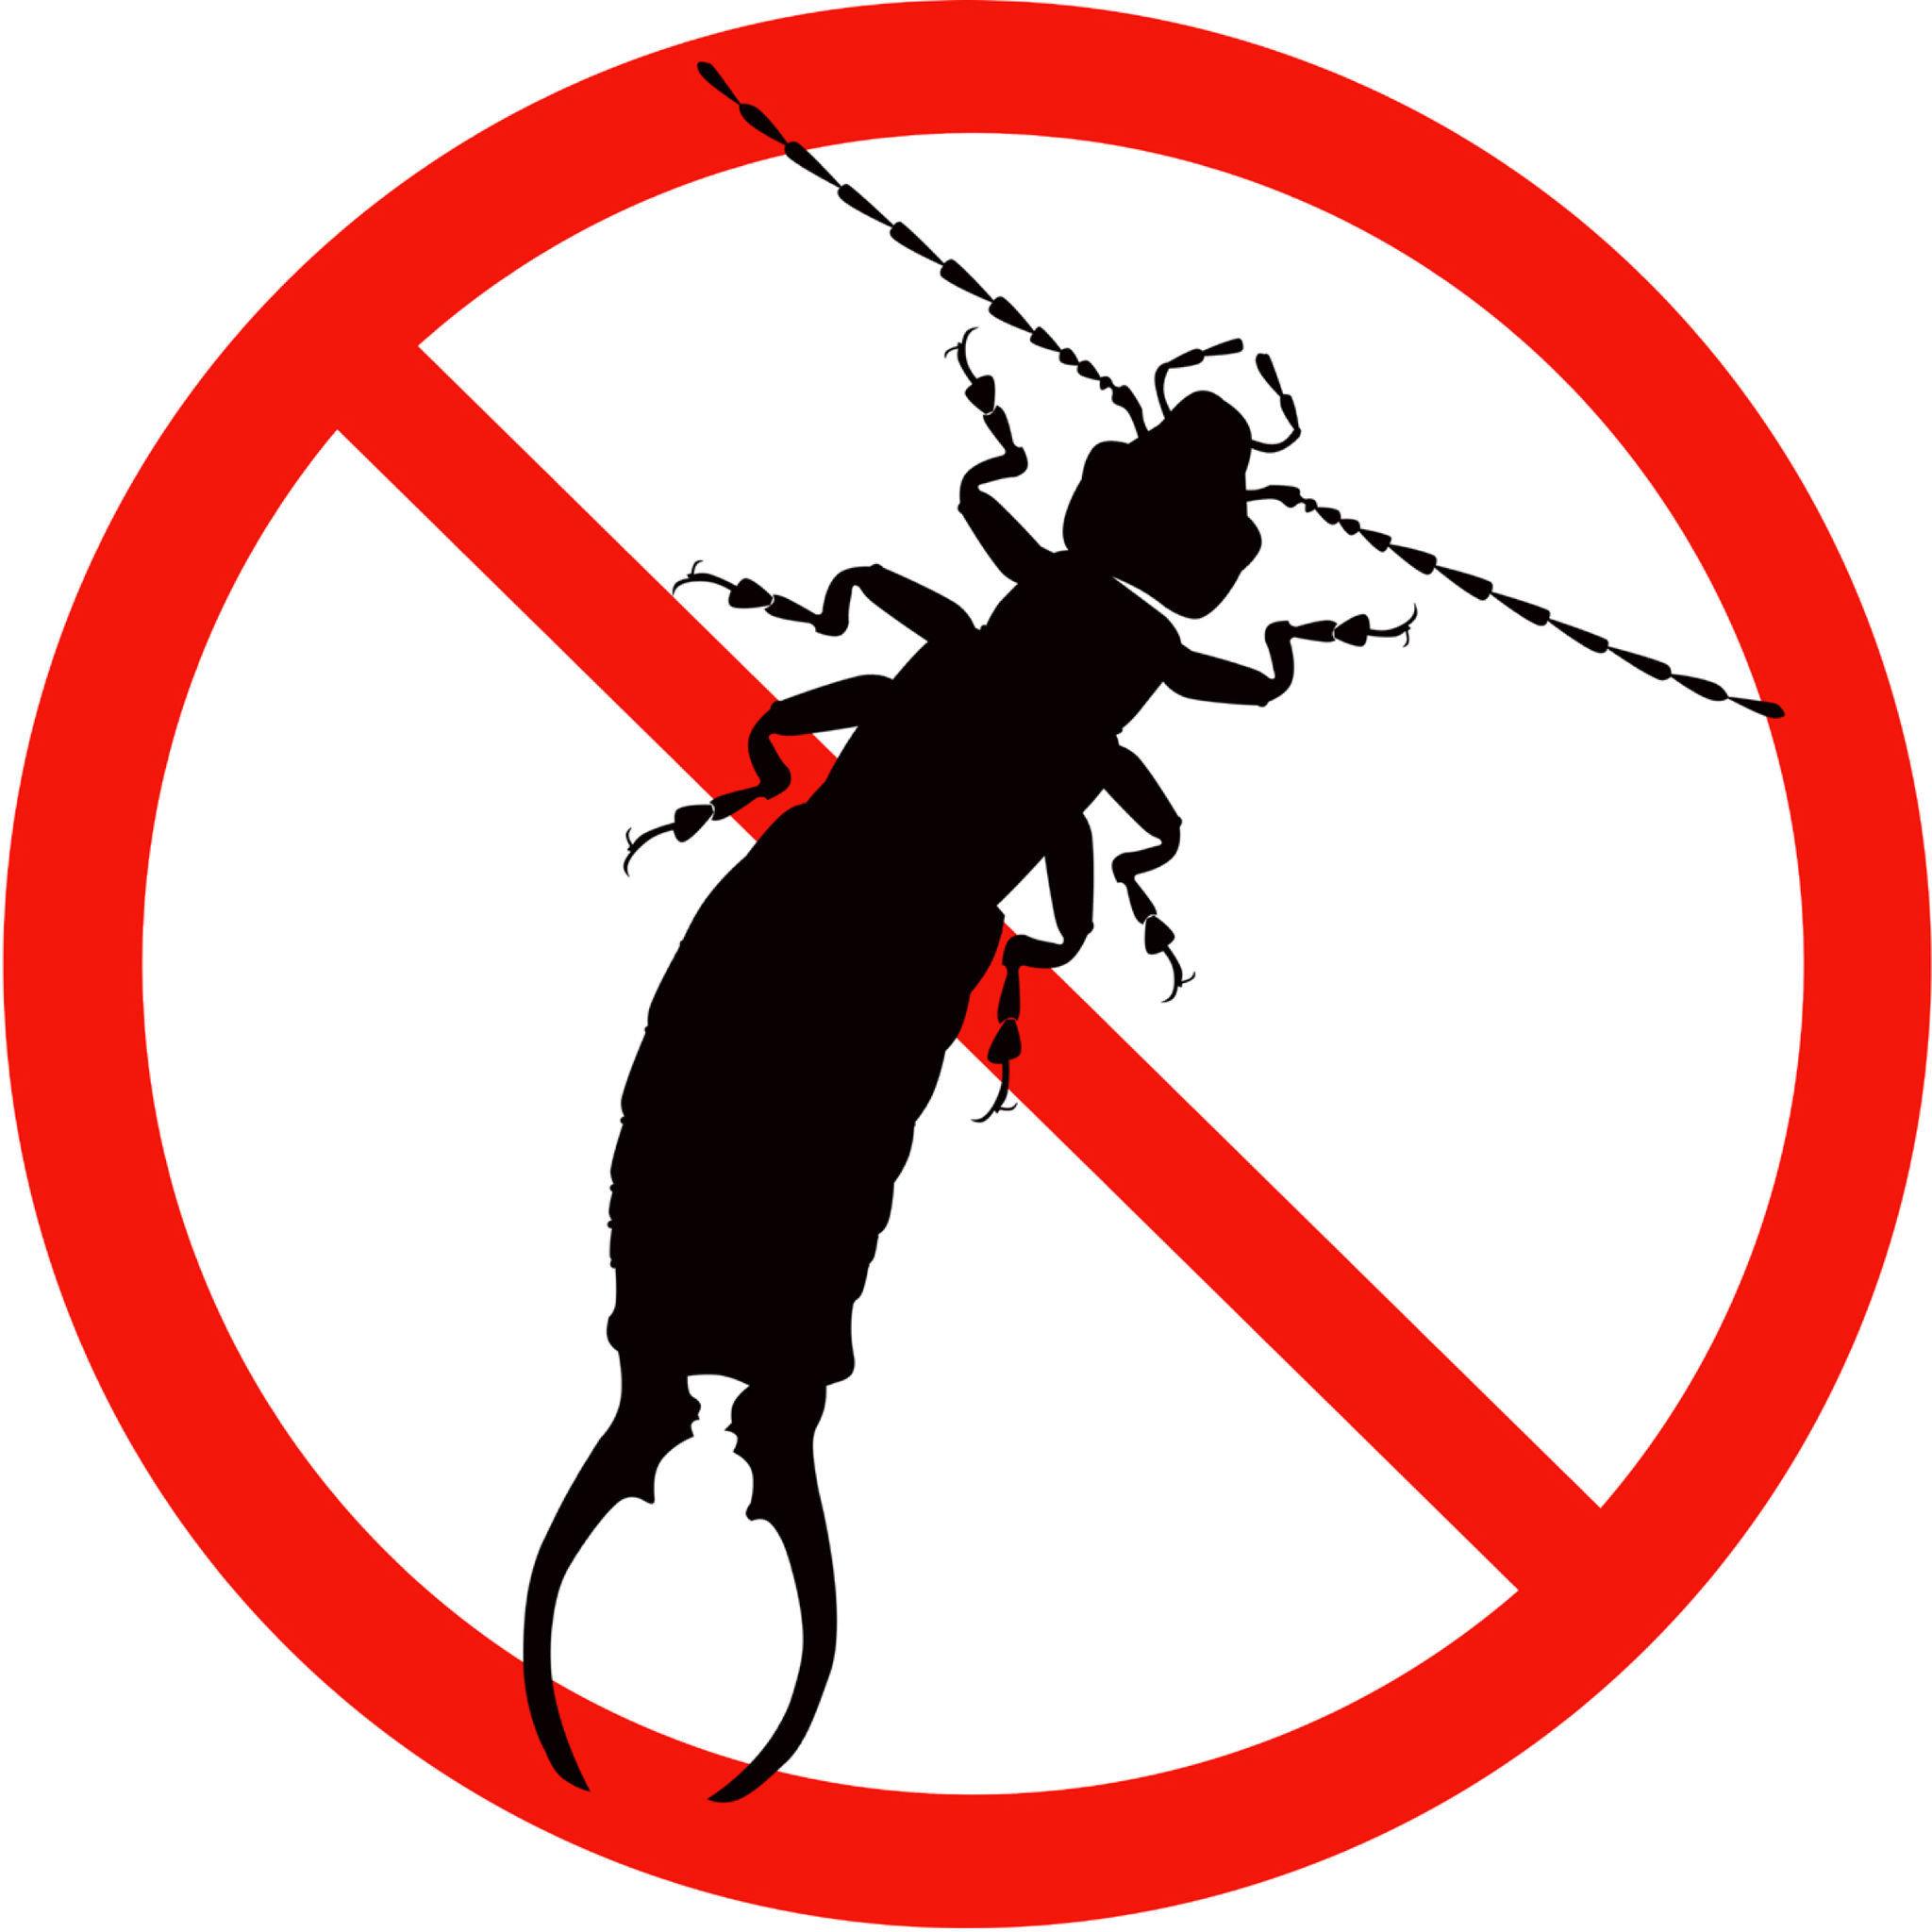 蠼螋,別稱夾板子、剪指甲蟲、夾板蟲、或剪刀蟲、耳夾子蟲、二母夾子。為一種雜食性昆蟲。盛產于熱帶和亞熱帶。